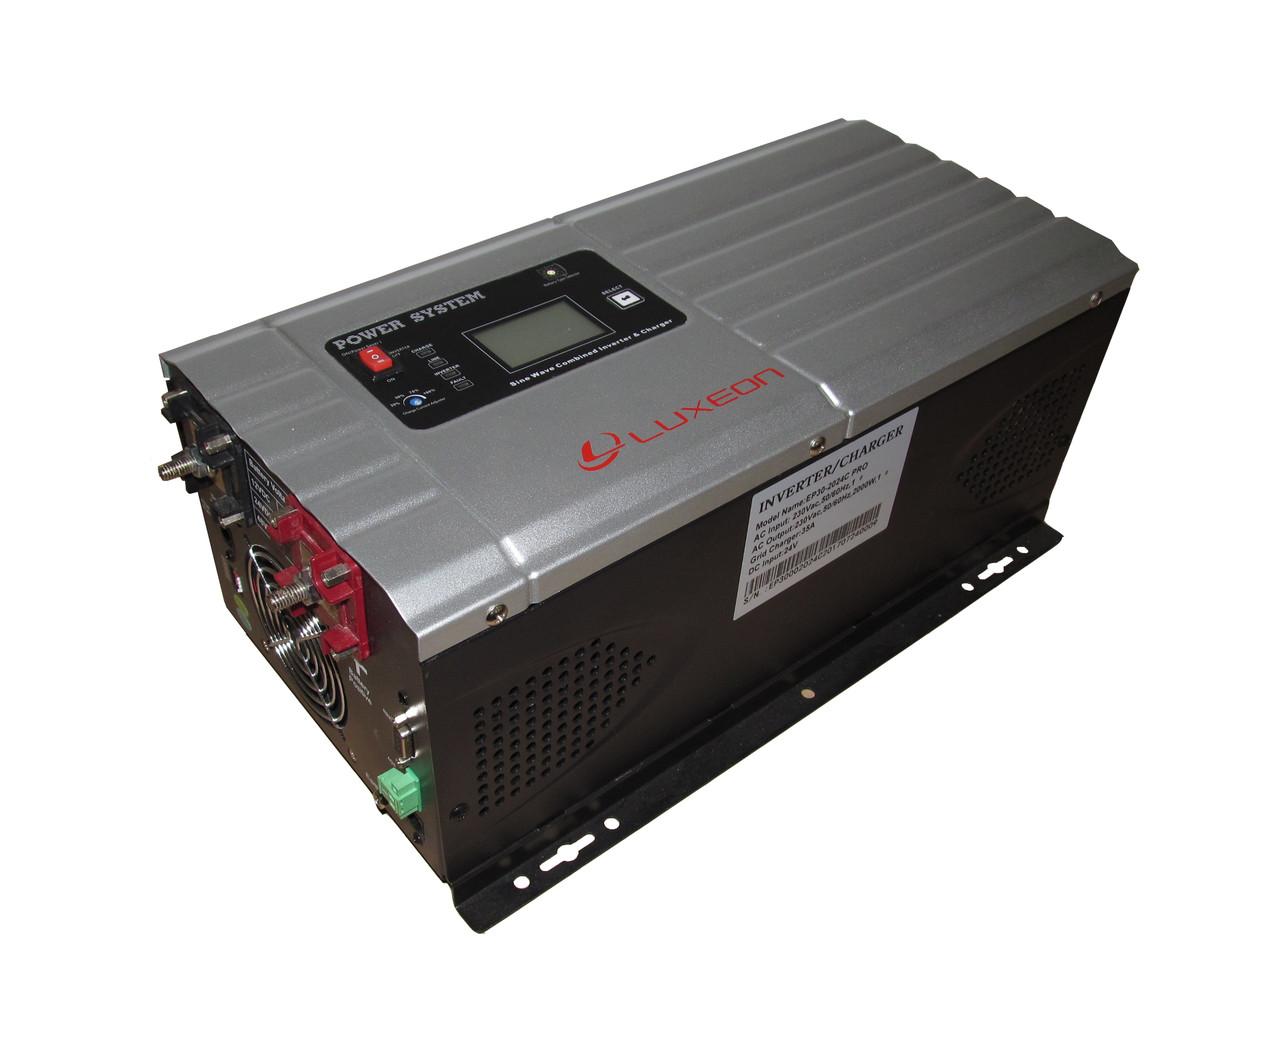 Инвертер EP30-2024C Pro 2000W 24V